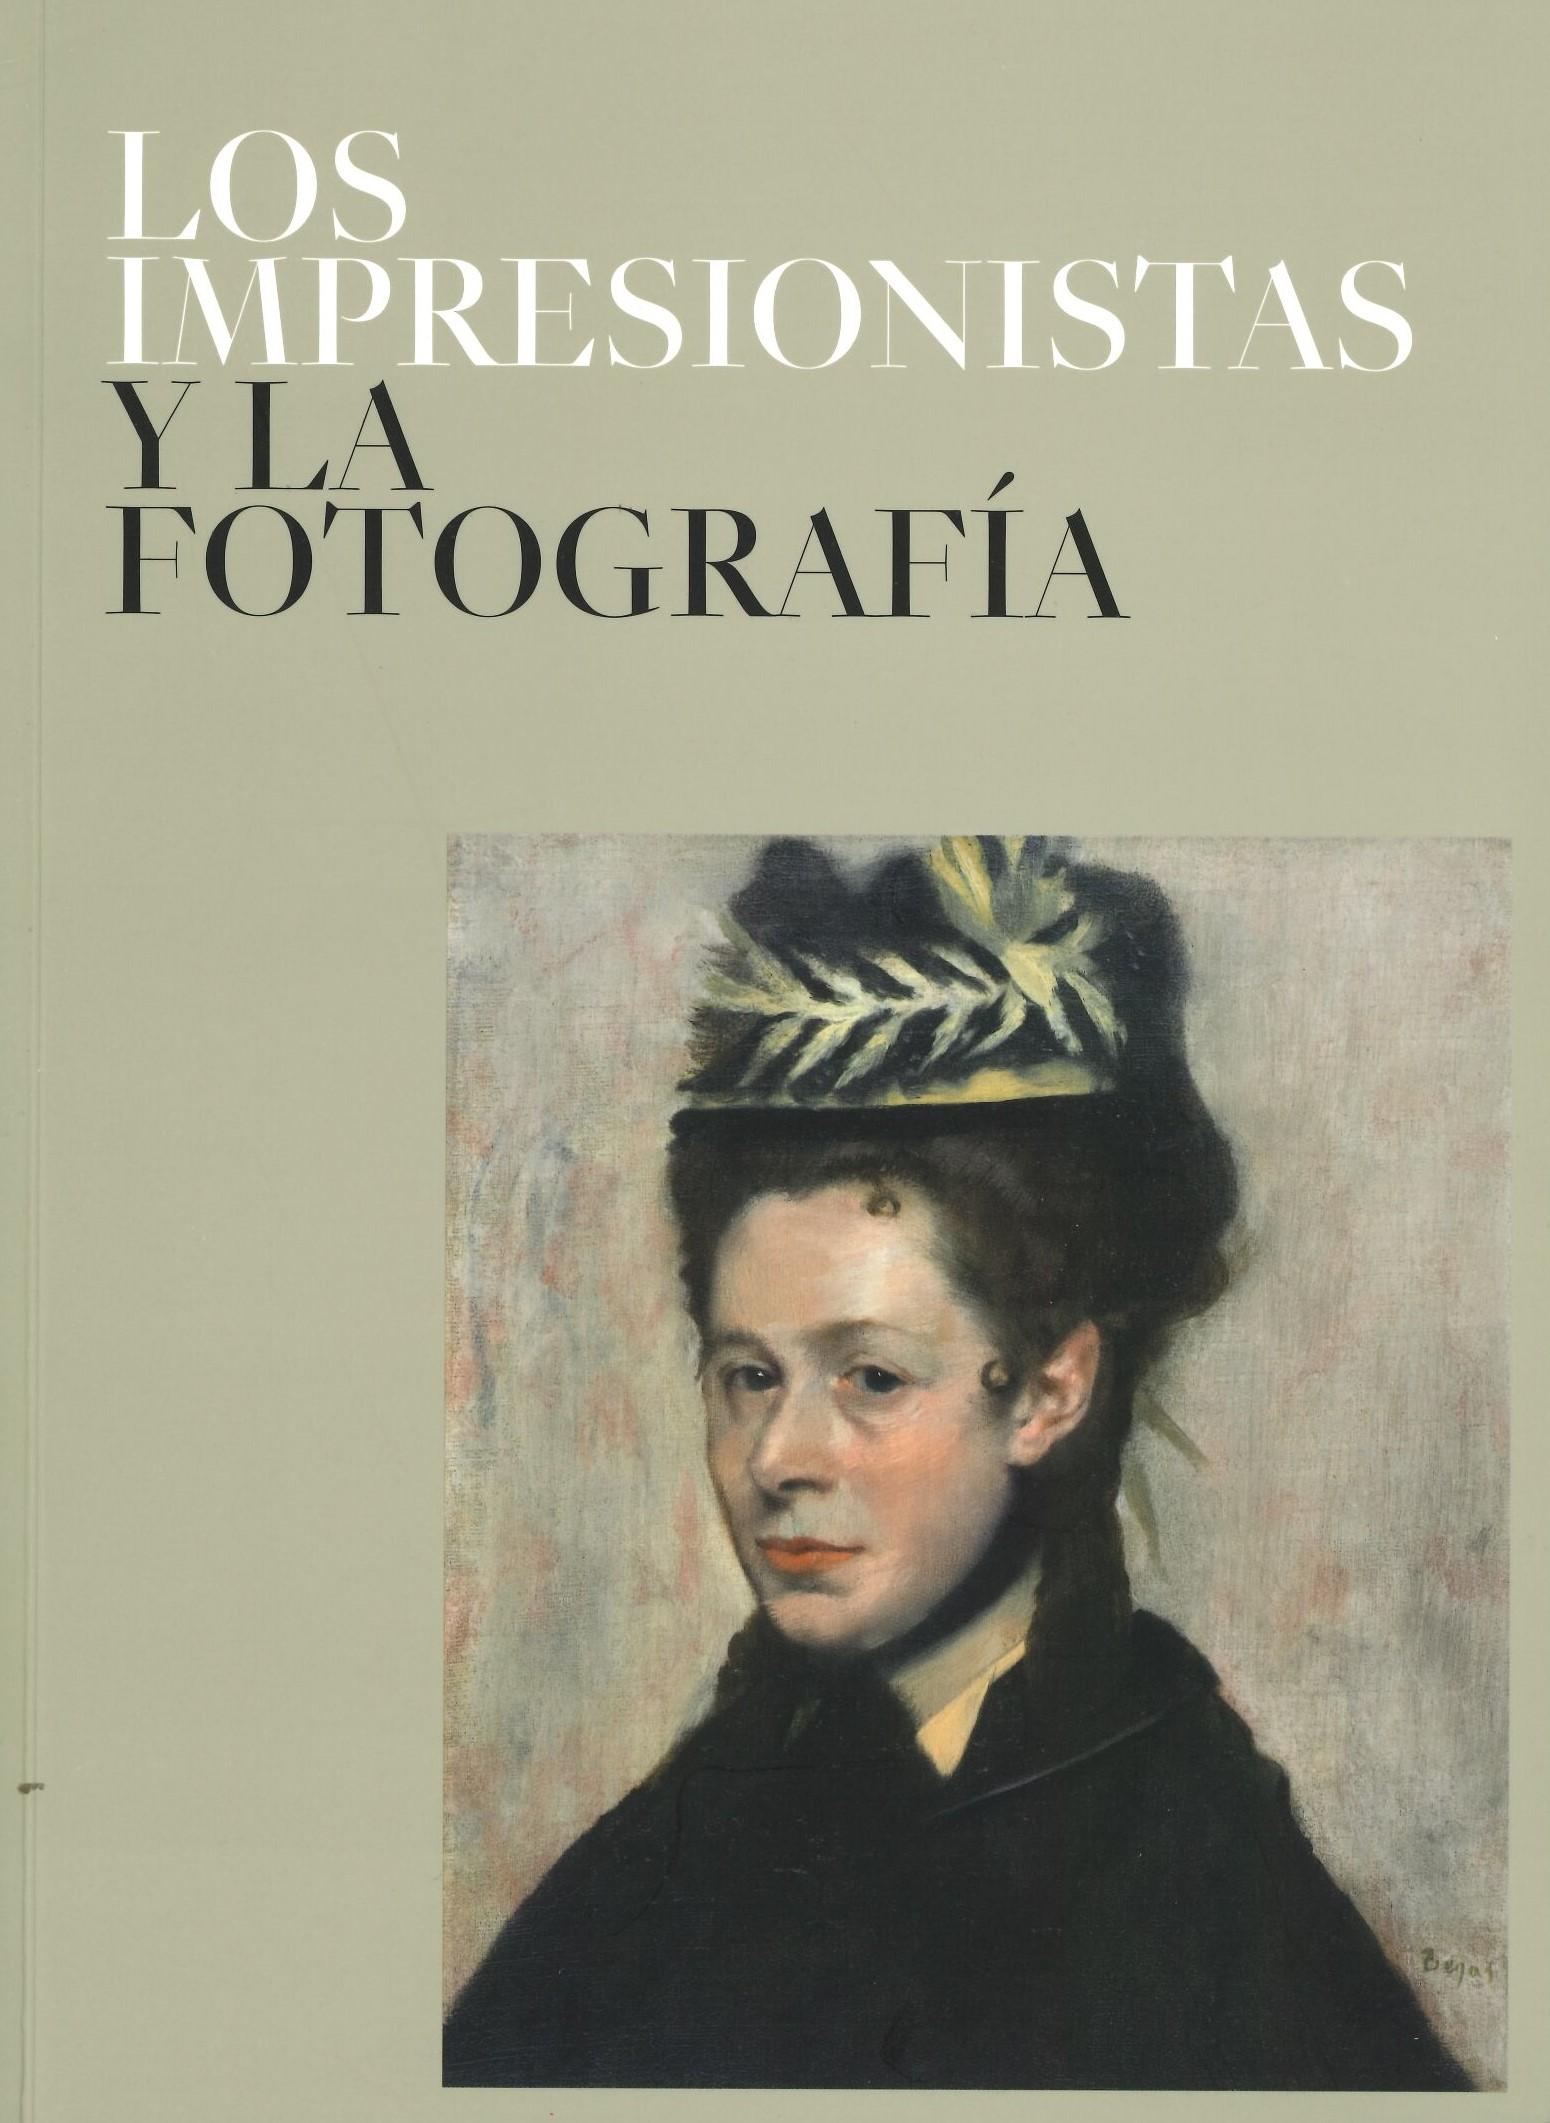 impresionistas_fotografia.jpg